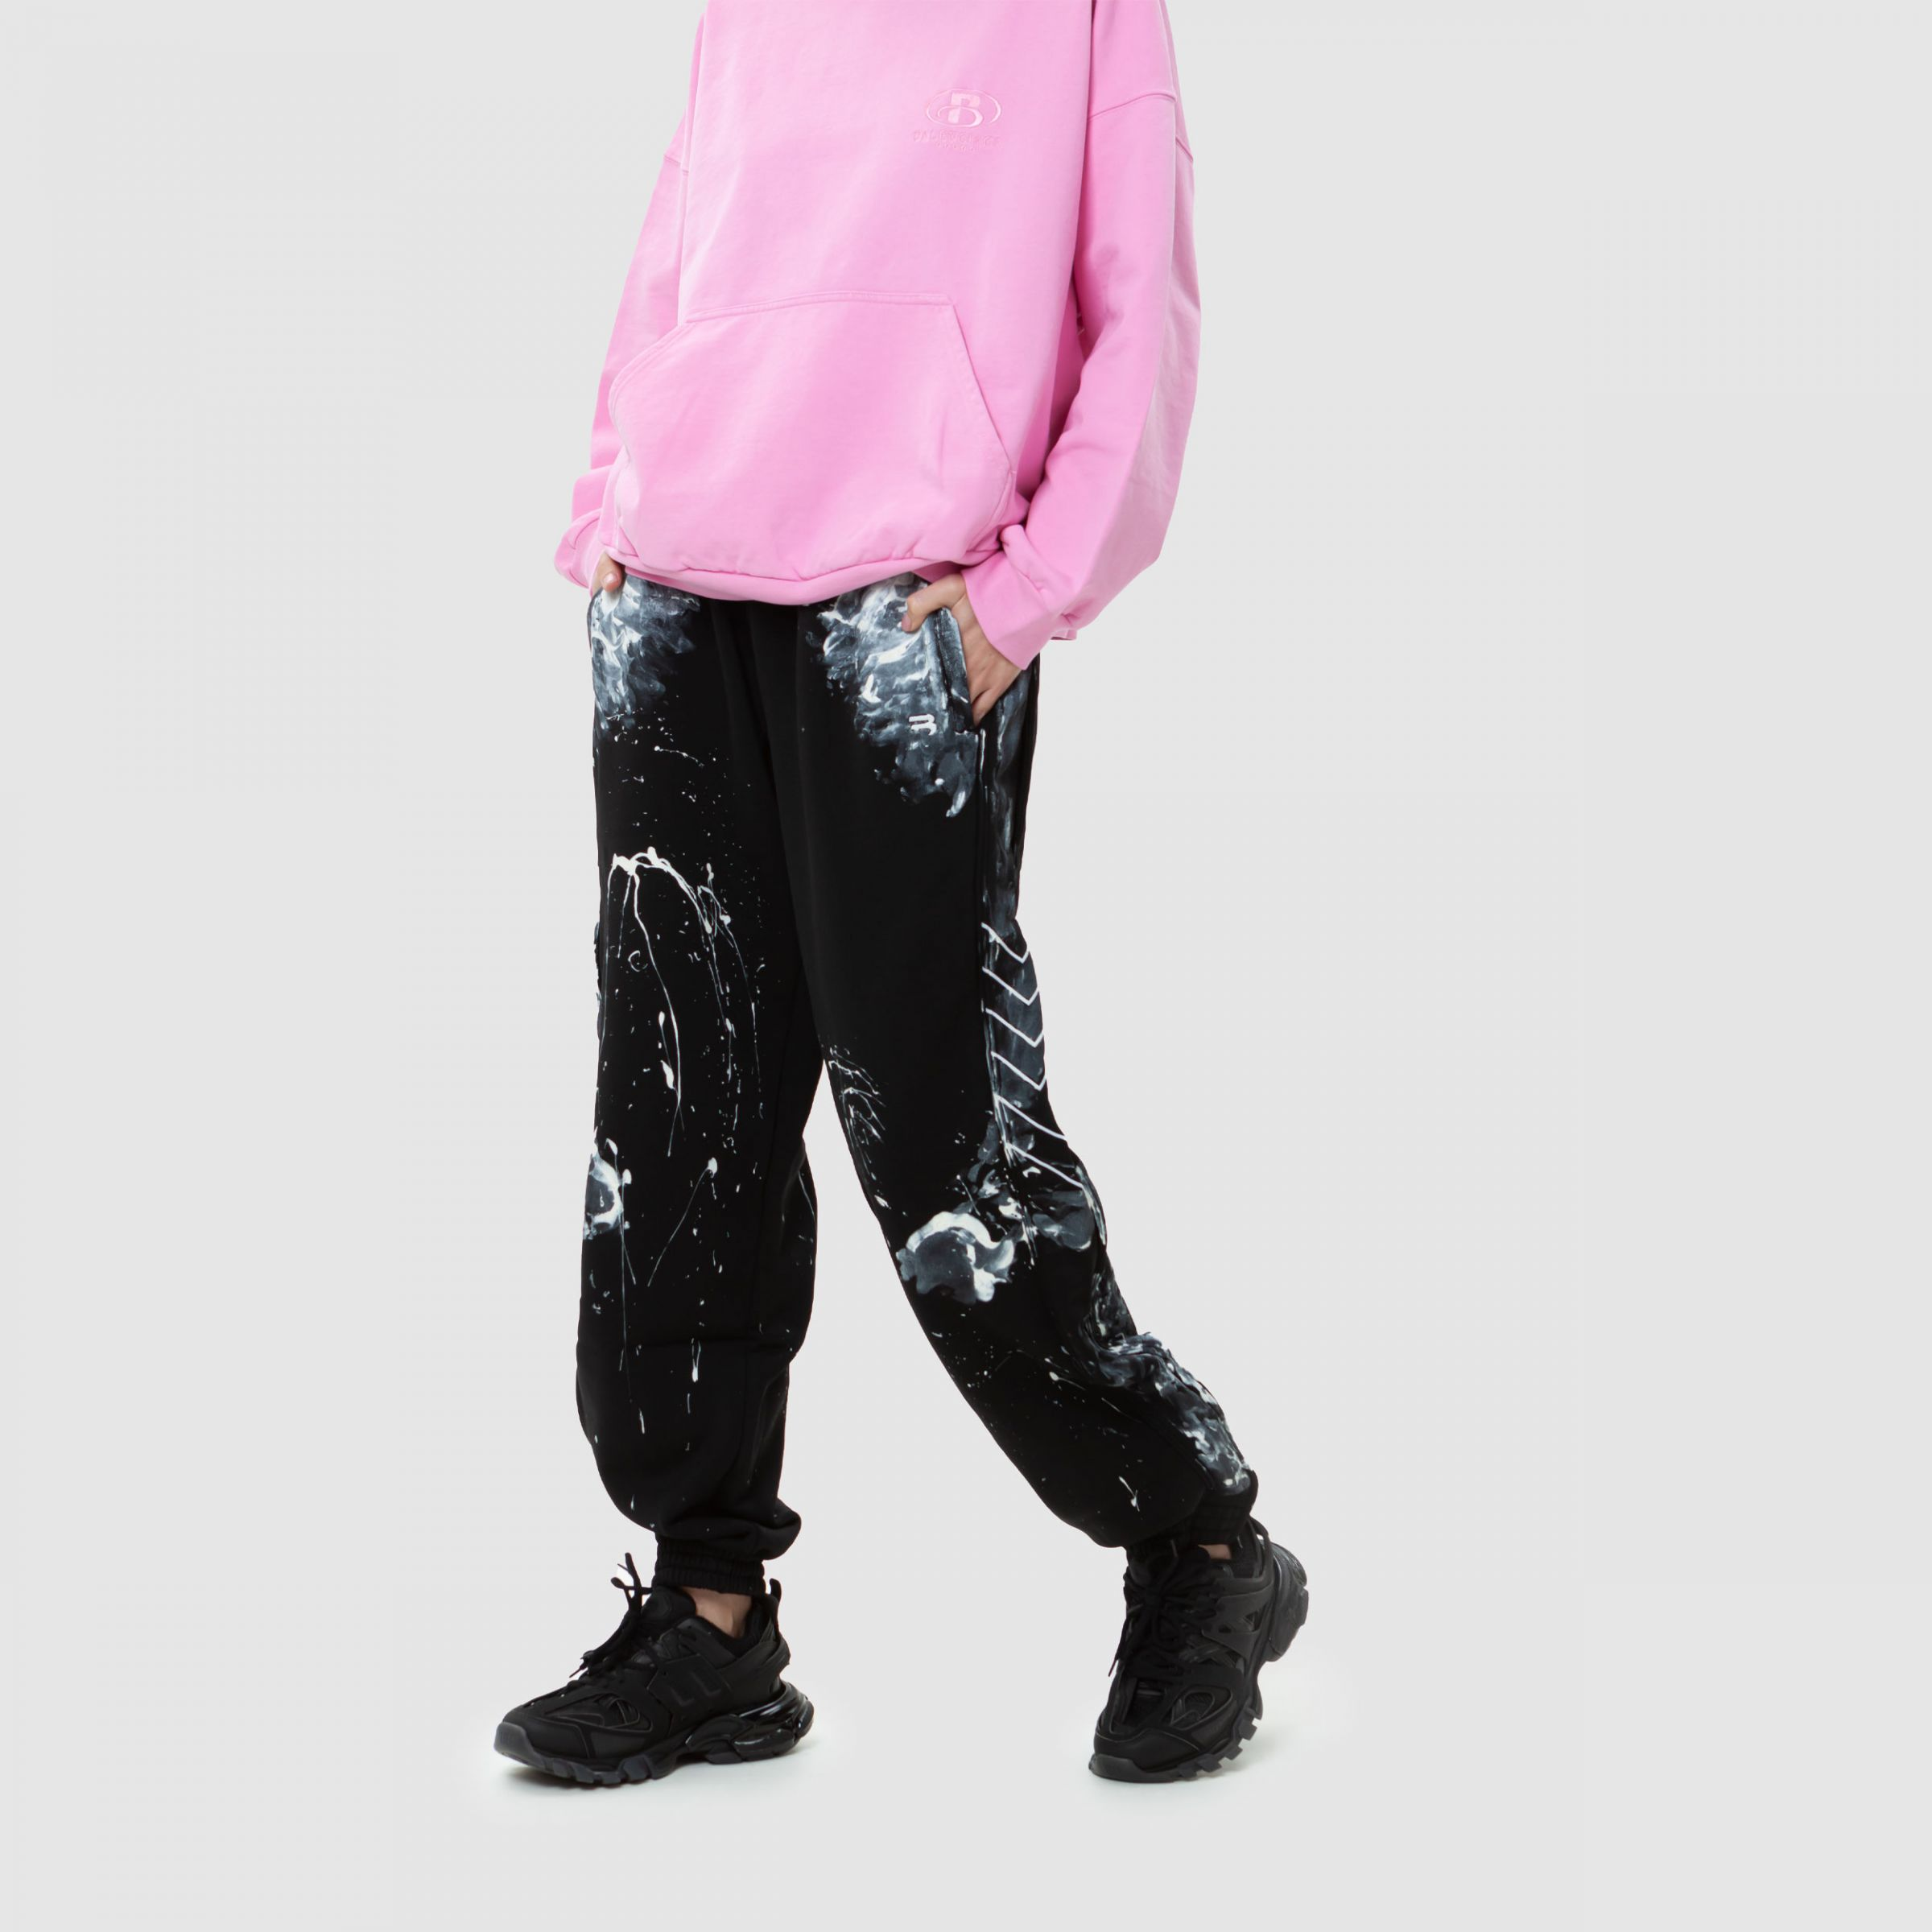 Кроссовки Balenciaga TRACK CLEAR SOLE черные